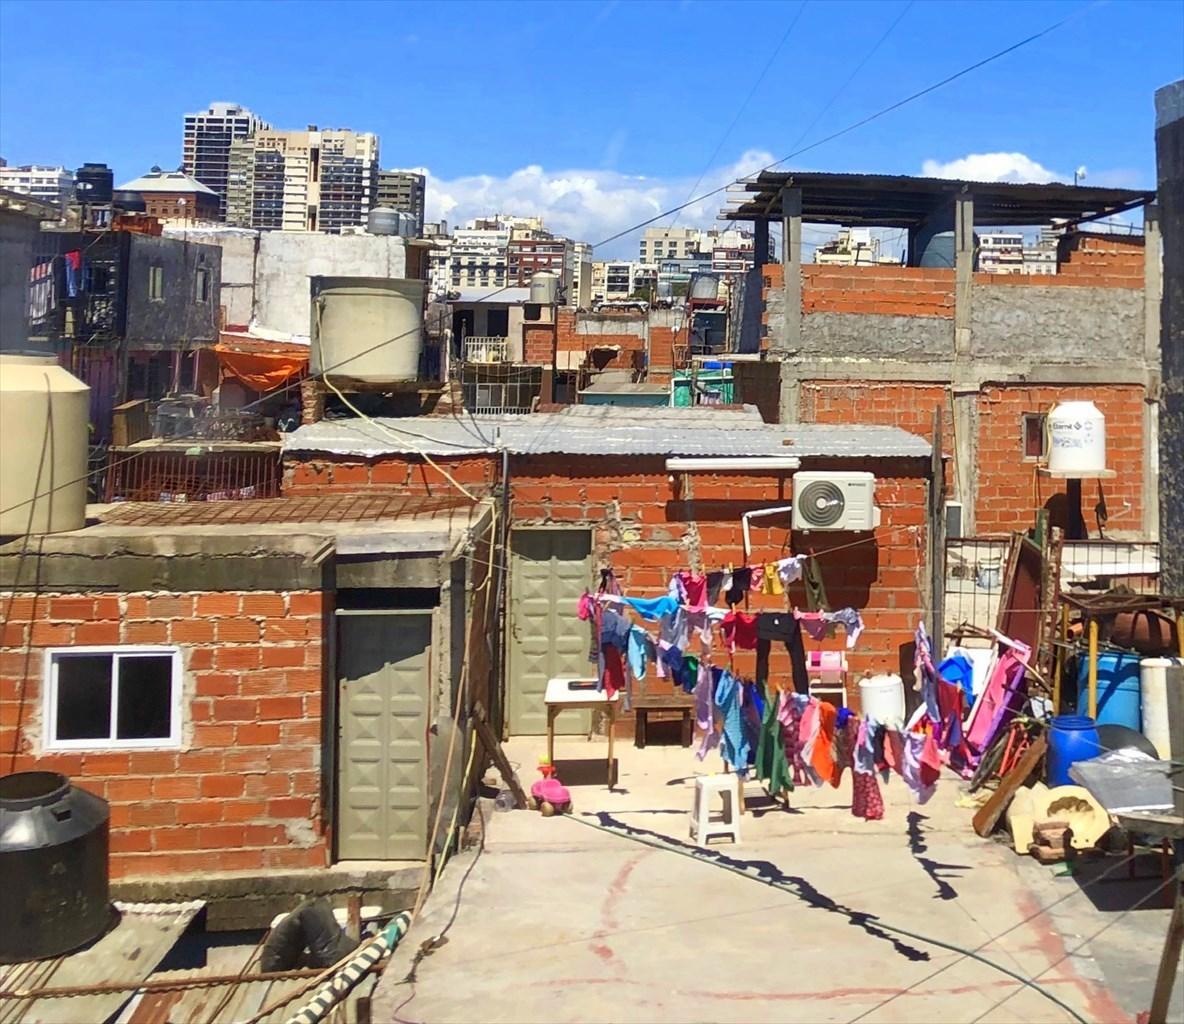 中南米の旅/41 再びブエノスアイレスへ@アルゼンチン_a0092659_01032147.jpg